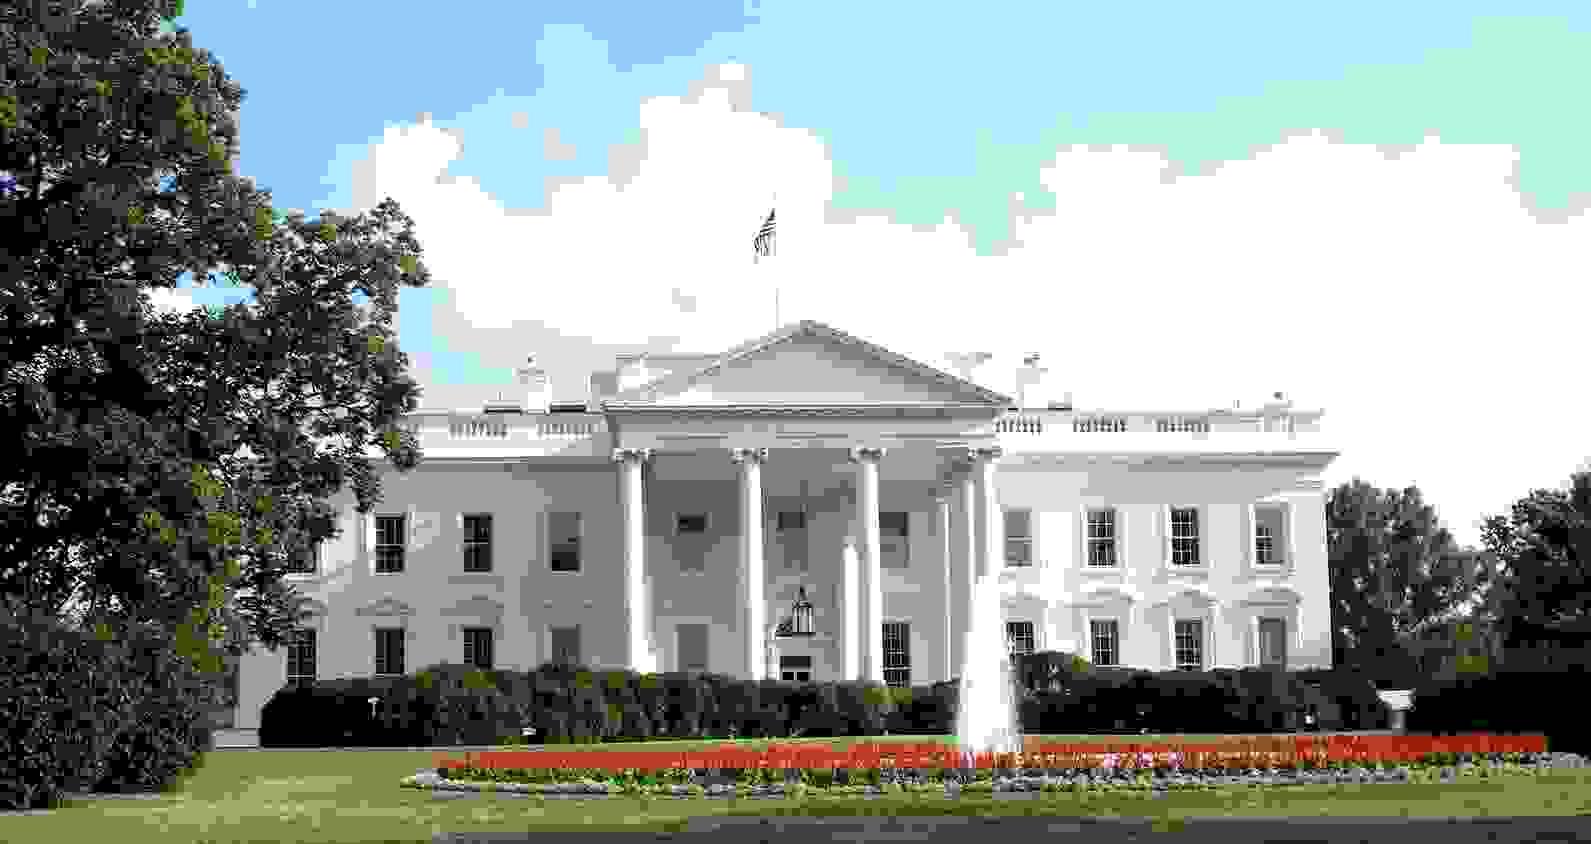 Whitehouse (La Casa Blanca), residencia oficial y principal centro de trabajo del presidente de los Estados Unidos